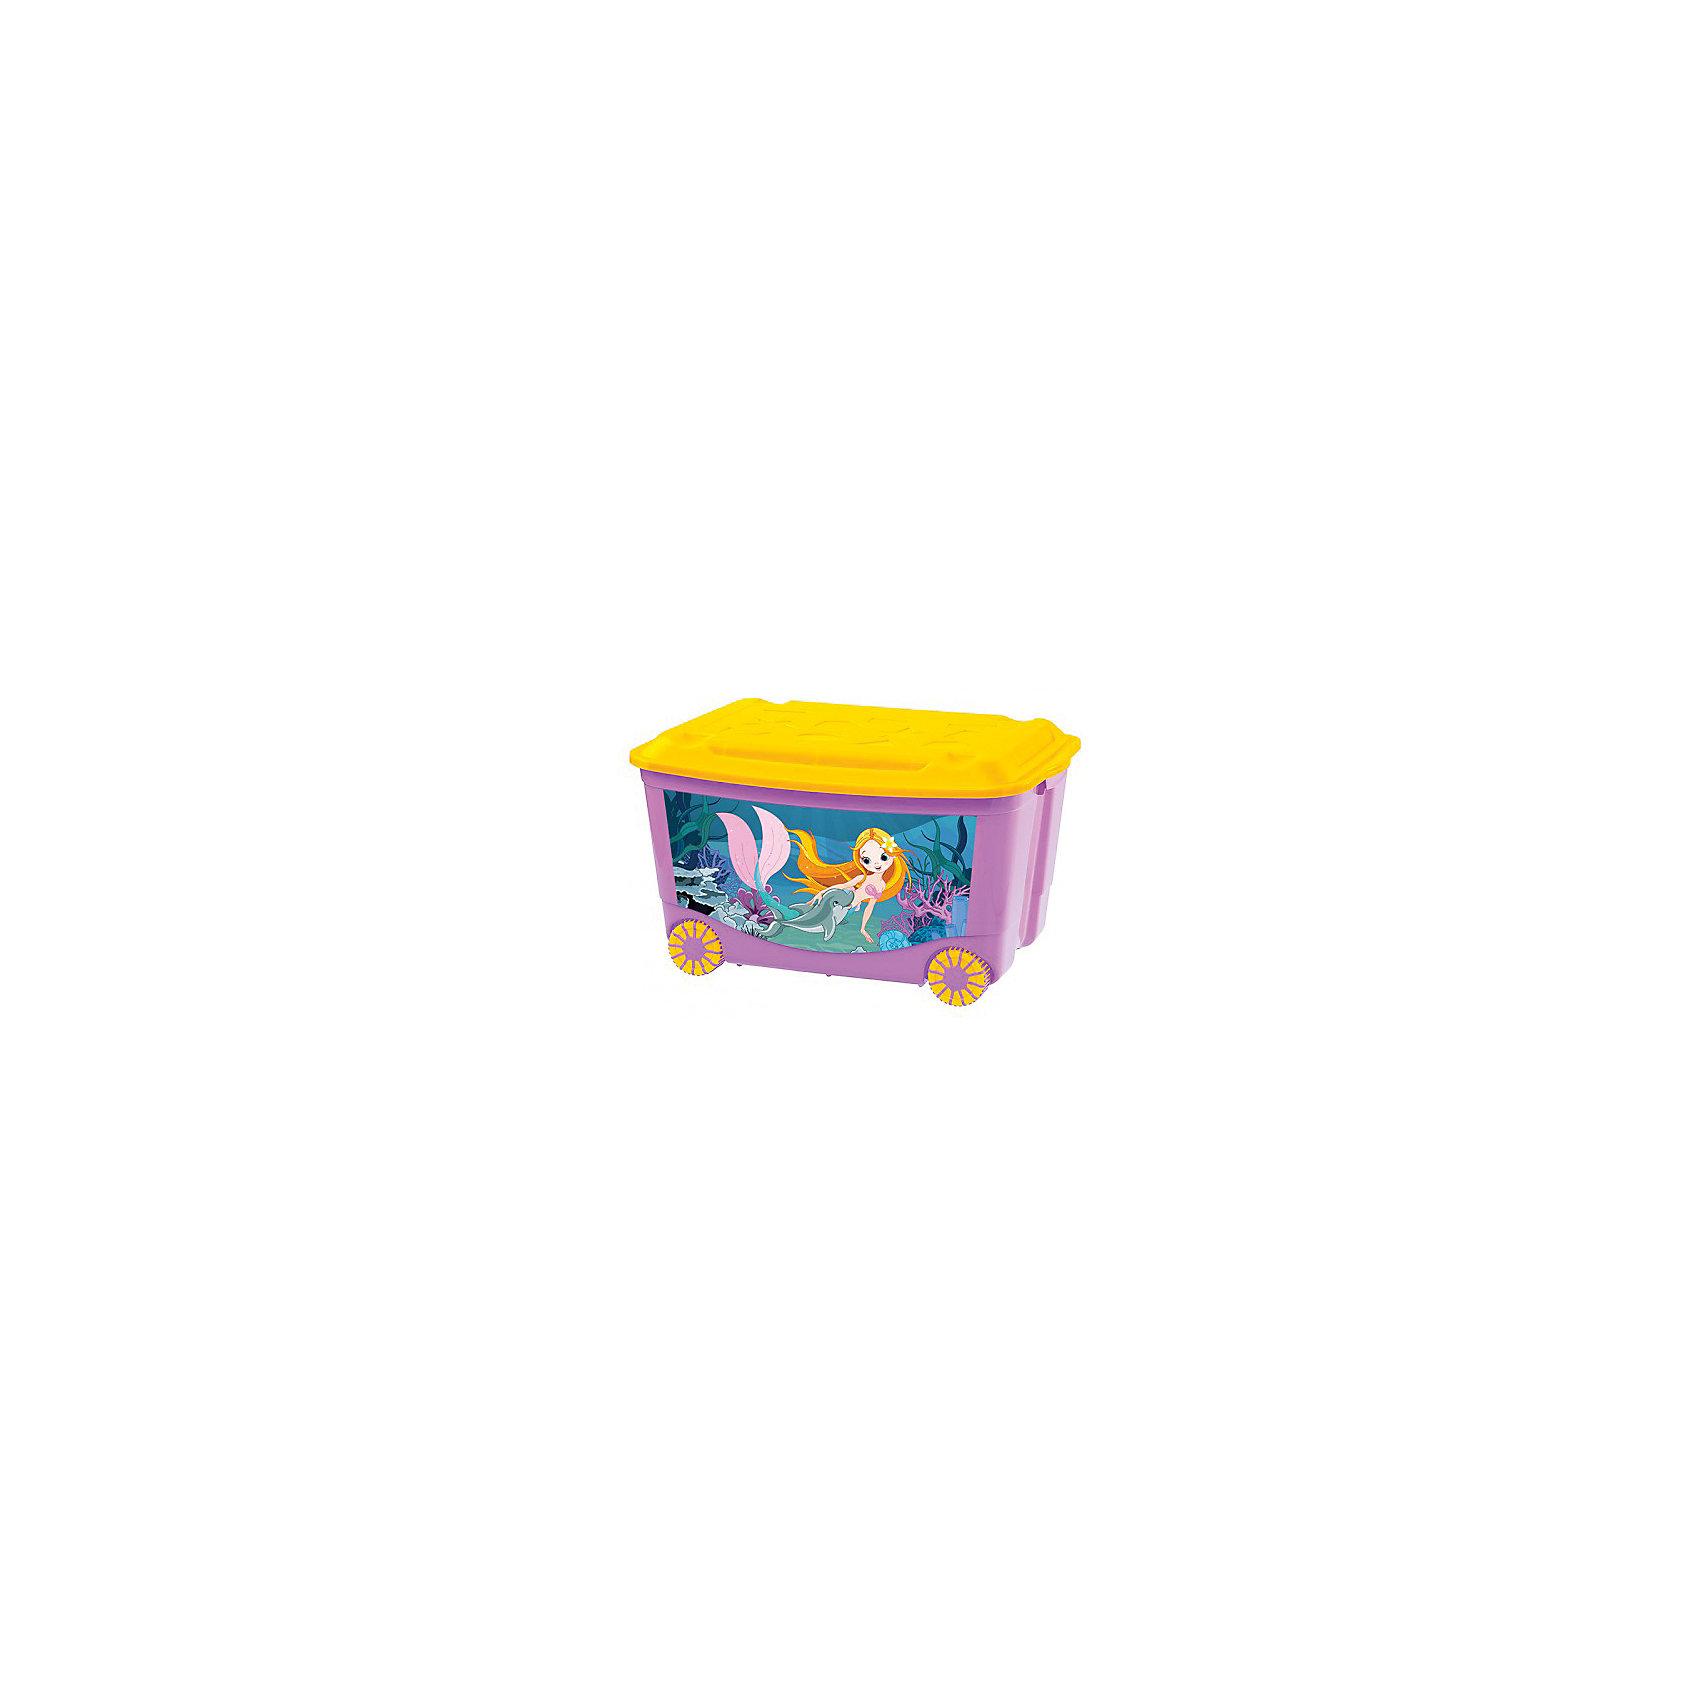 Ящик для игрушек на колесах 580*390*335, Бытпласт, сиреневыйЯщик для игрушек на колесиках позволит приучить ребенка к уборке.Контейнер изготовлен из качественного пластика, не токсичен для малышей. Вместительный, но в тоже время очень компактный ящик с крышечкой. Подойдет для упаковки игрушек, одежды, аксессуаров. Благодаря колесикам легко перемещается по комнате. Легкое скольжение позволит малышу самому привозить и увозить ящик.<br><br>Характеристика:<br>-Размер: 58х39Х33,5 см<br>-Материал: бытпласт<br>-Цвет: сиреневый<br><br>Ящик для игрушек на колесиках можно приобрести в нашем интернет-магазине.<br><br>Ширина мм: 580<br>Глубина мм: 390<br>Высота мм: 335<br>Вес г: 1900<br>Возраст от месяцев: 24<br>Возраст до месяцев: 72<br>Пол: Женский<br>Возраст: Детский<br>SKU: 5007012